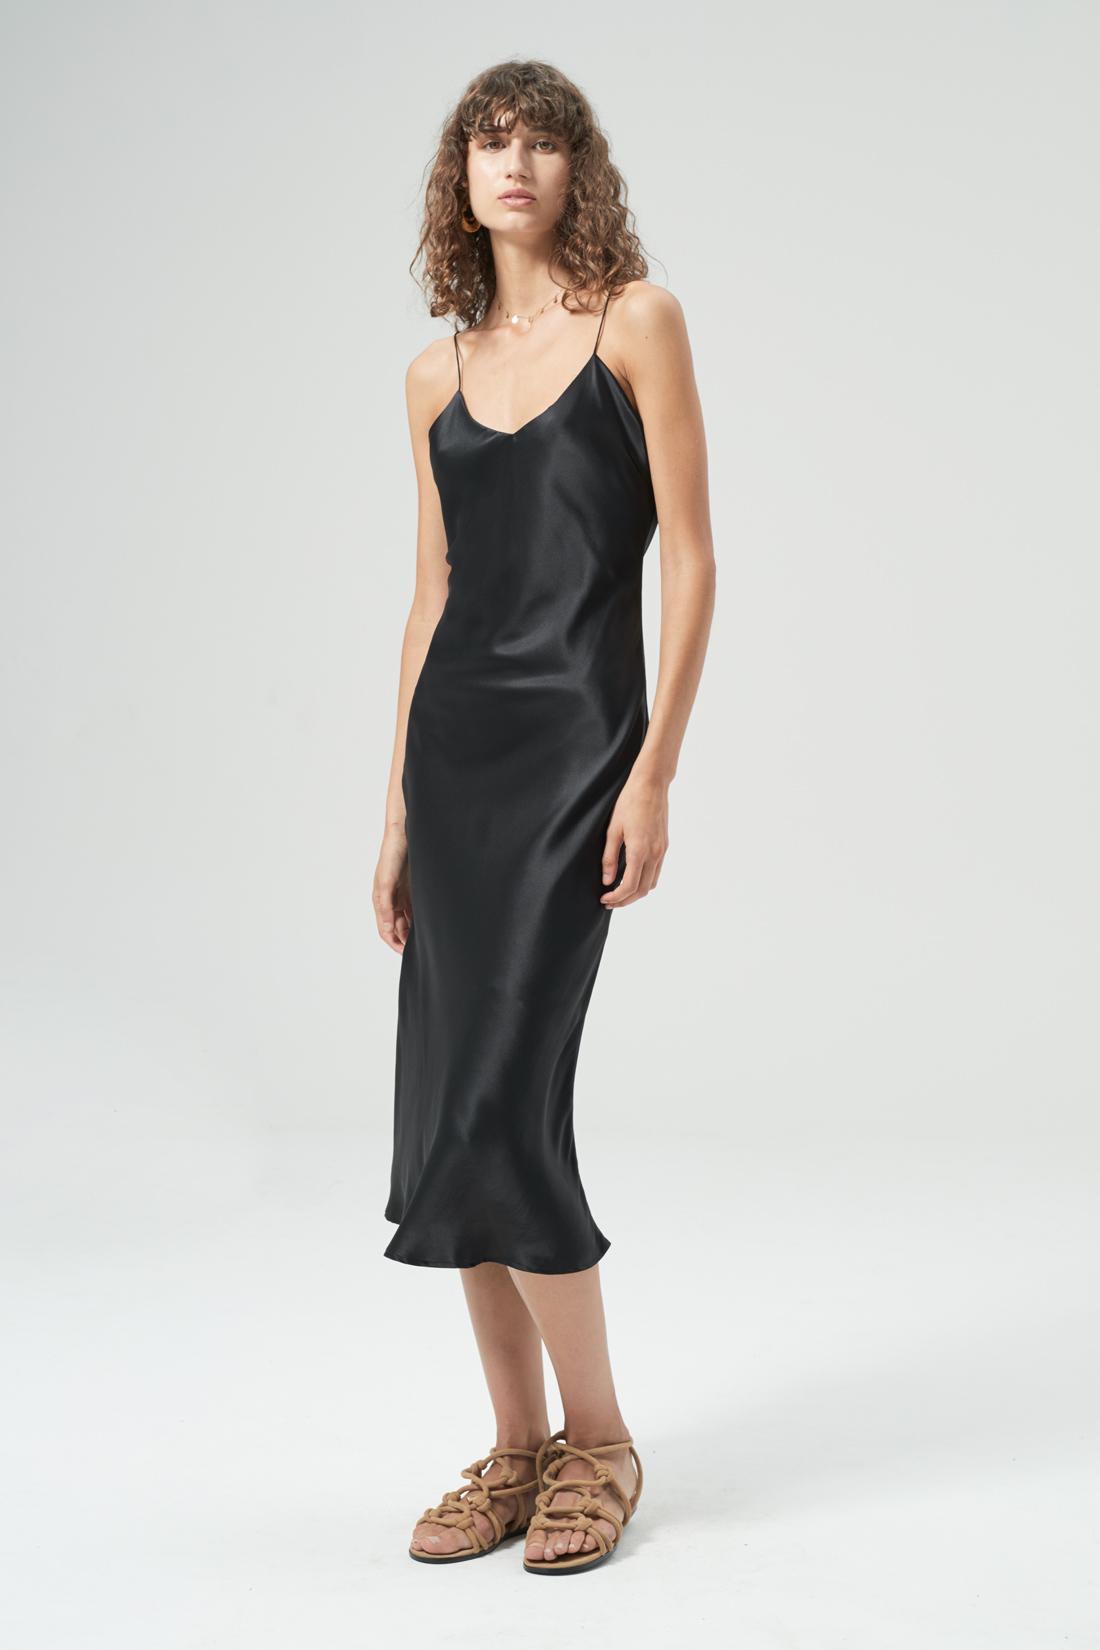 silk dresses demi silk dress black. $249.00 tuwfisv